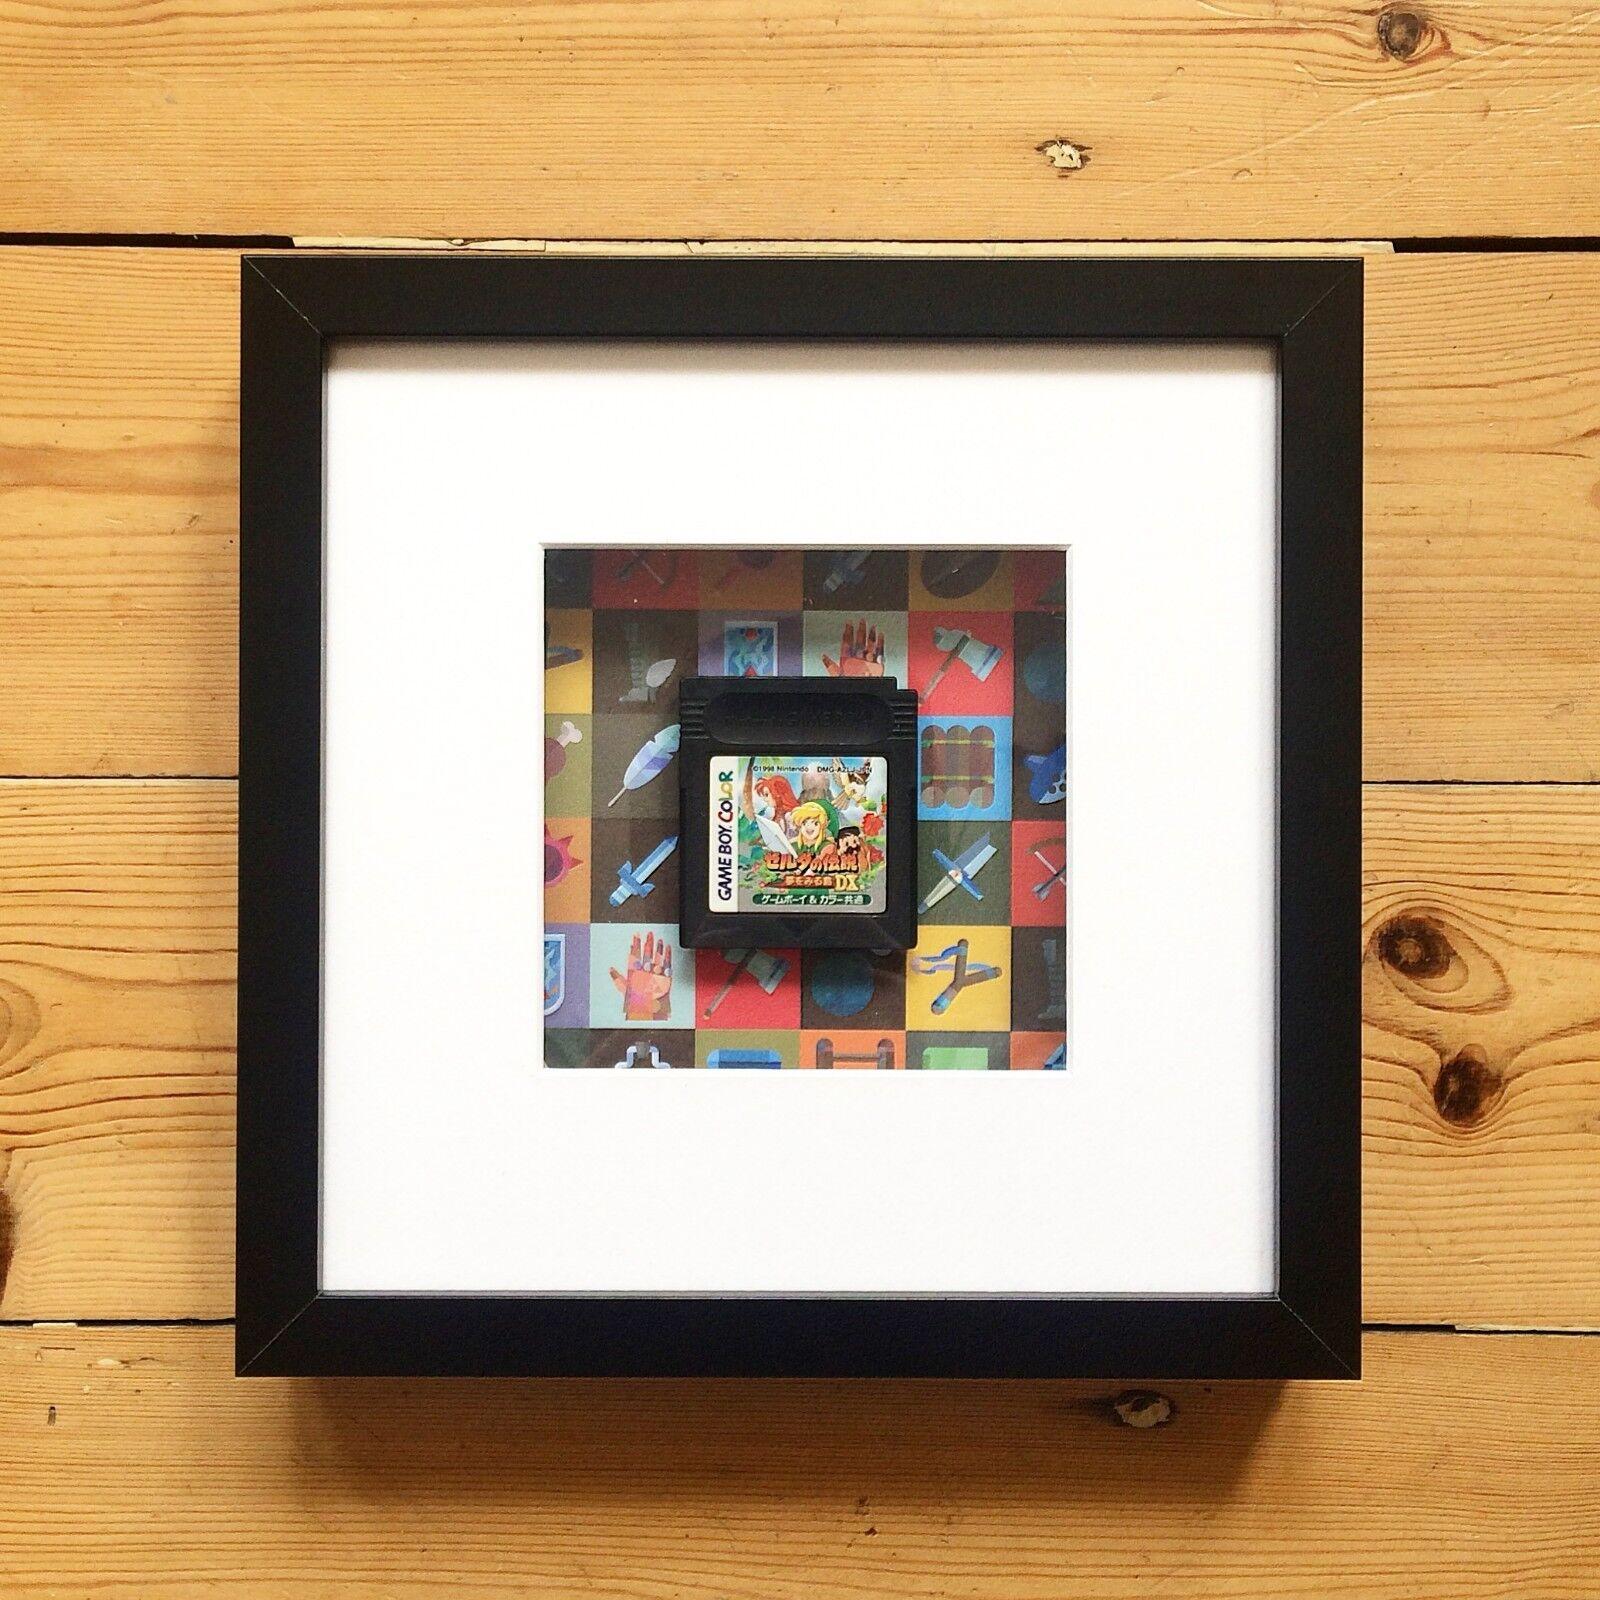 Game Boy/Couleur Jeu Panier Panier Jeu Wall Art-Anniversaire Fête Des Pères Cadeau 4b5491